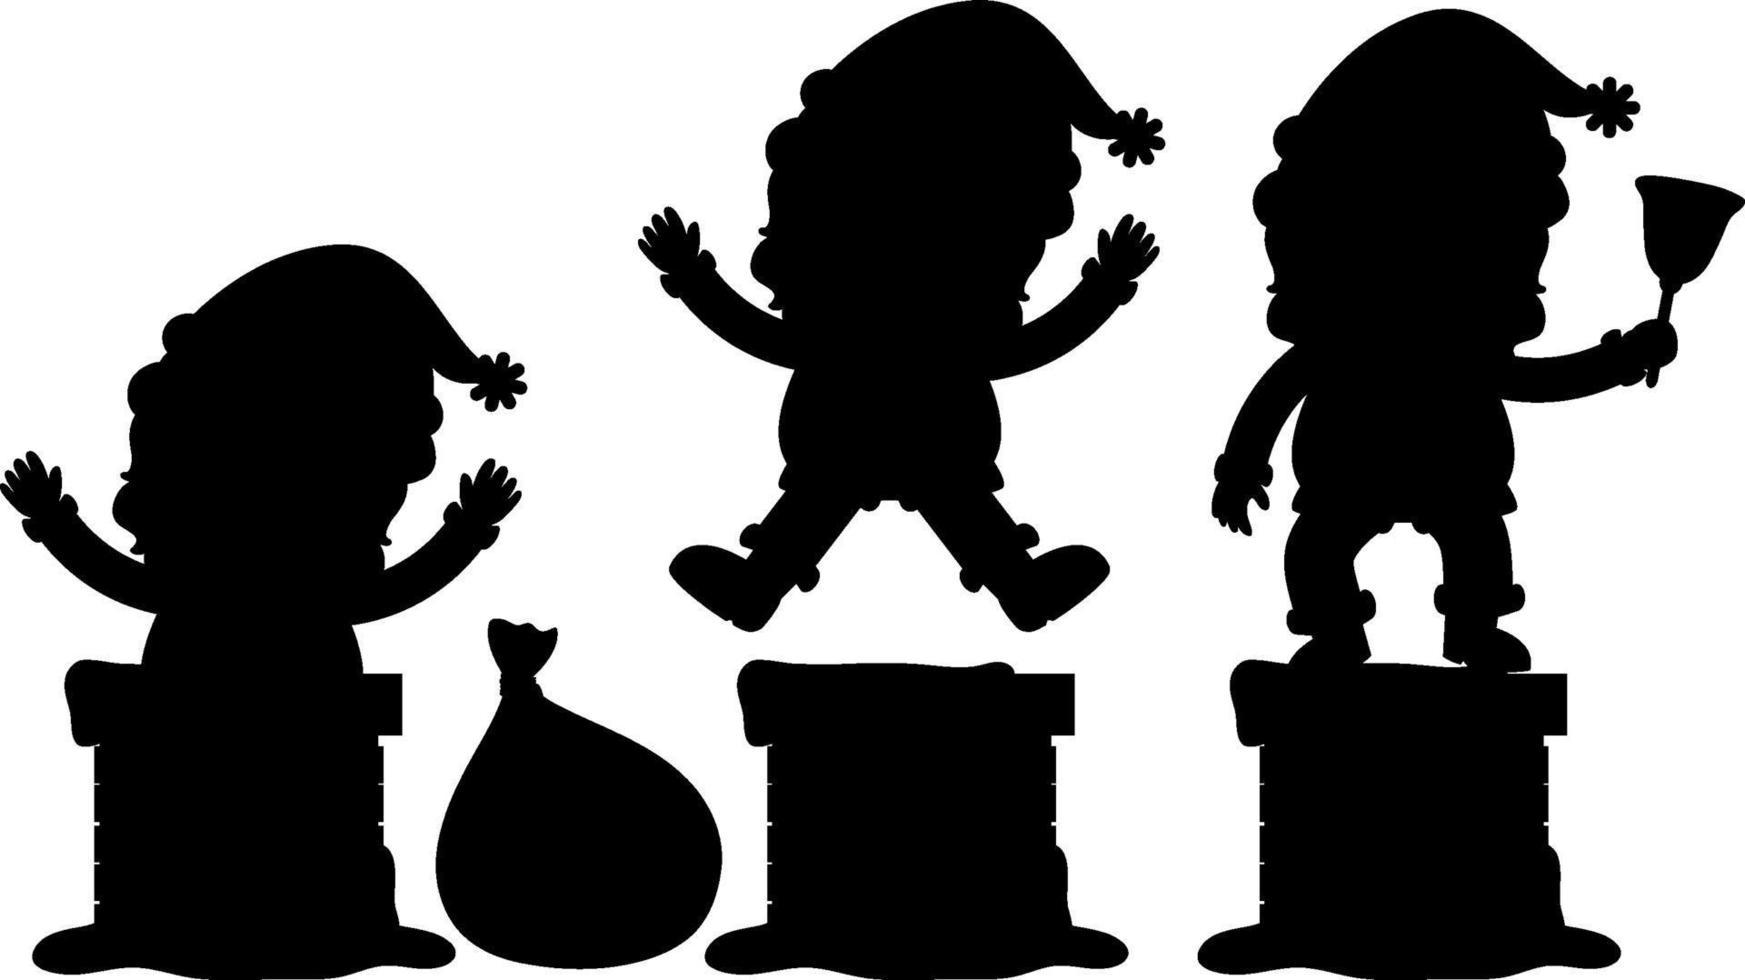 conjunto de personagem de desenho animado da silhueta de papai noel vetor